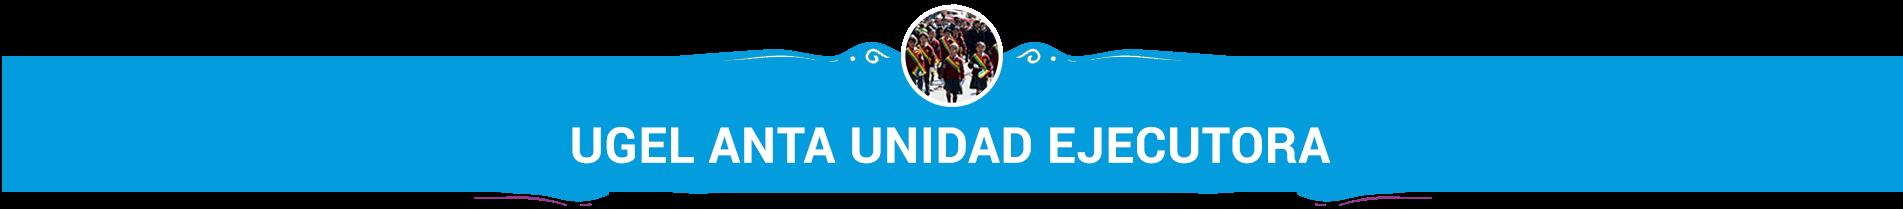 RESULTADOS FINAL DEL PROCESO CAS N° 011-2017- UE. 315-EDUCACIÓN ANTA